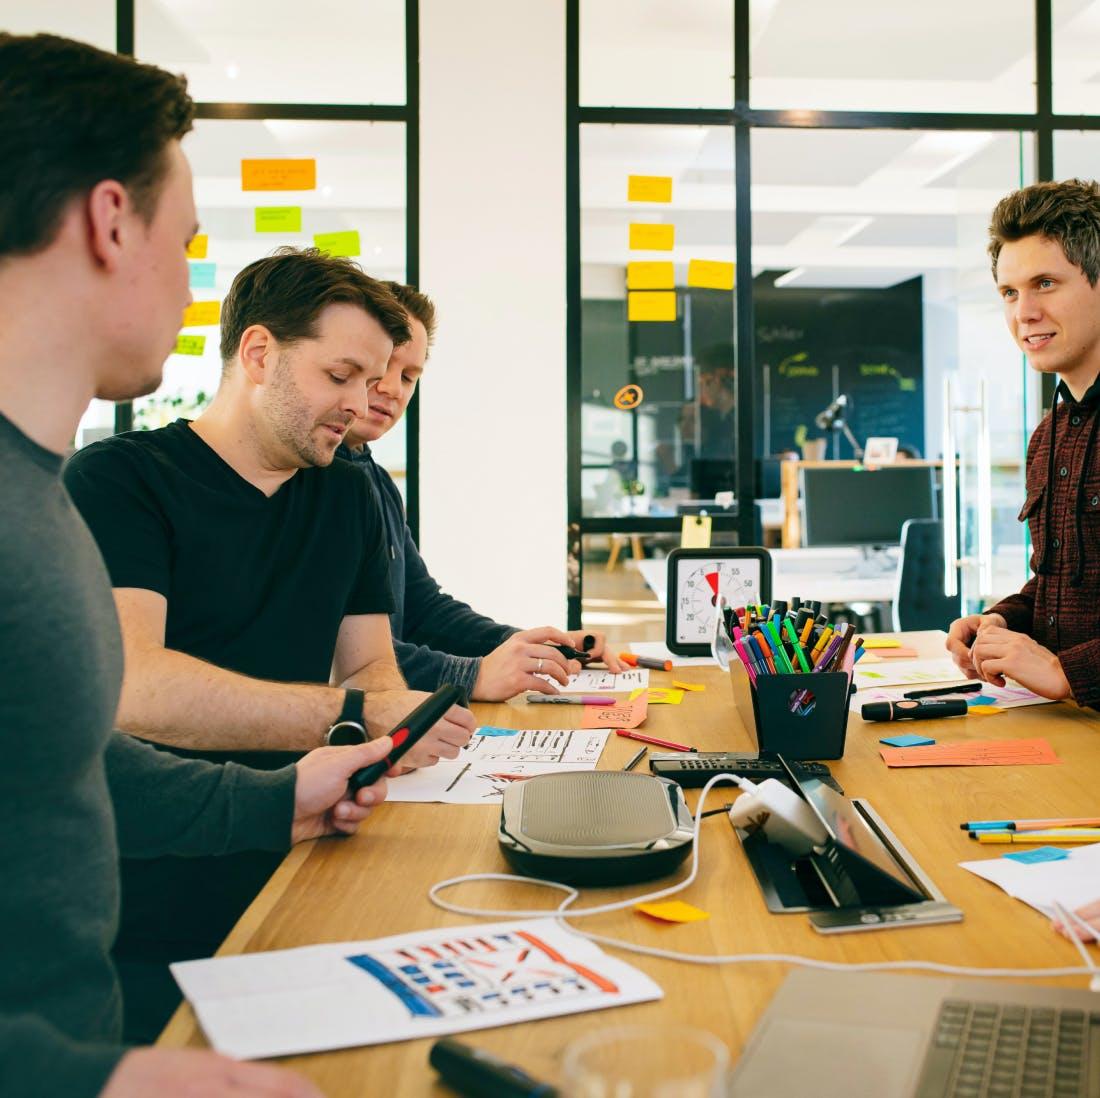 Vision schärfen: erste Phase bei Start-ups